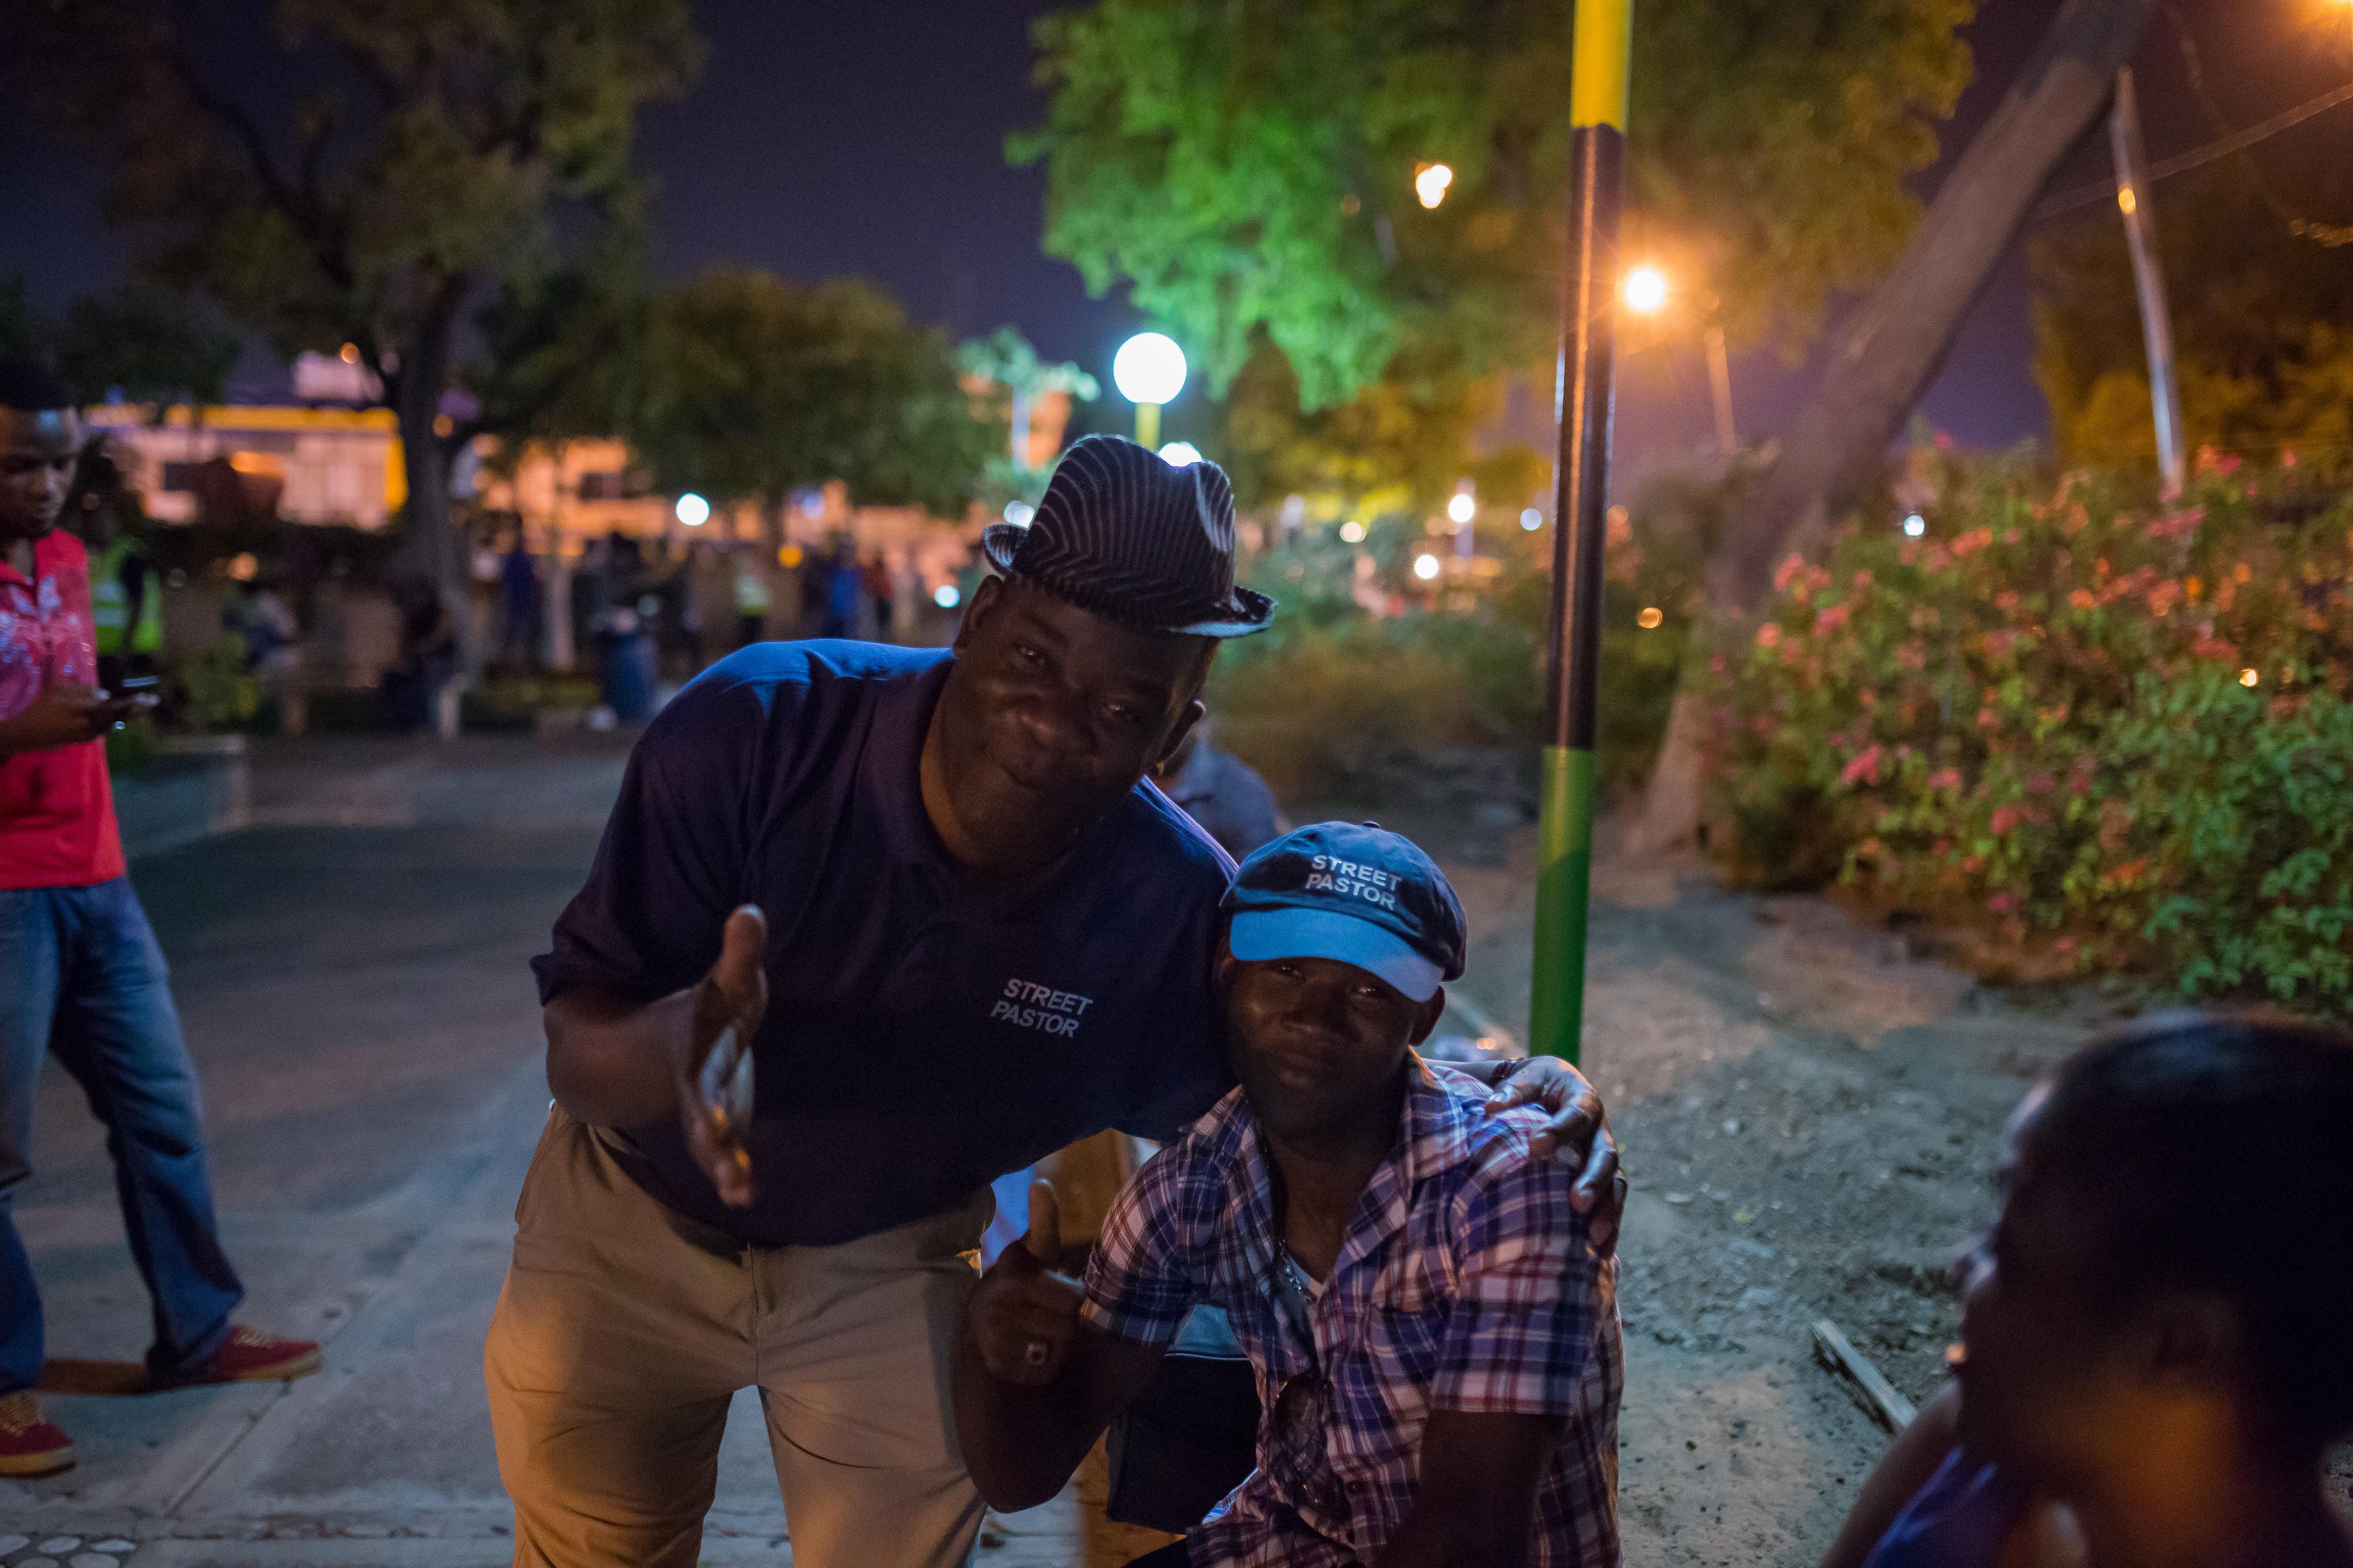 Street Pastors Images-14